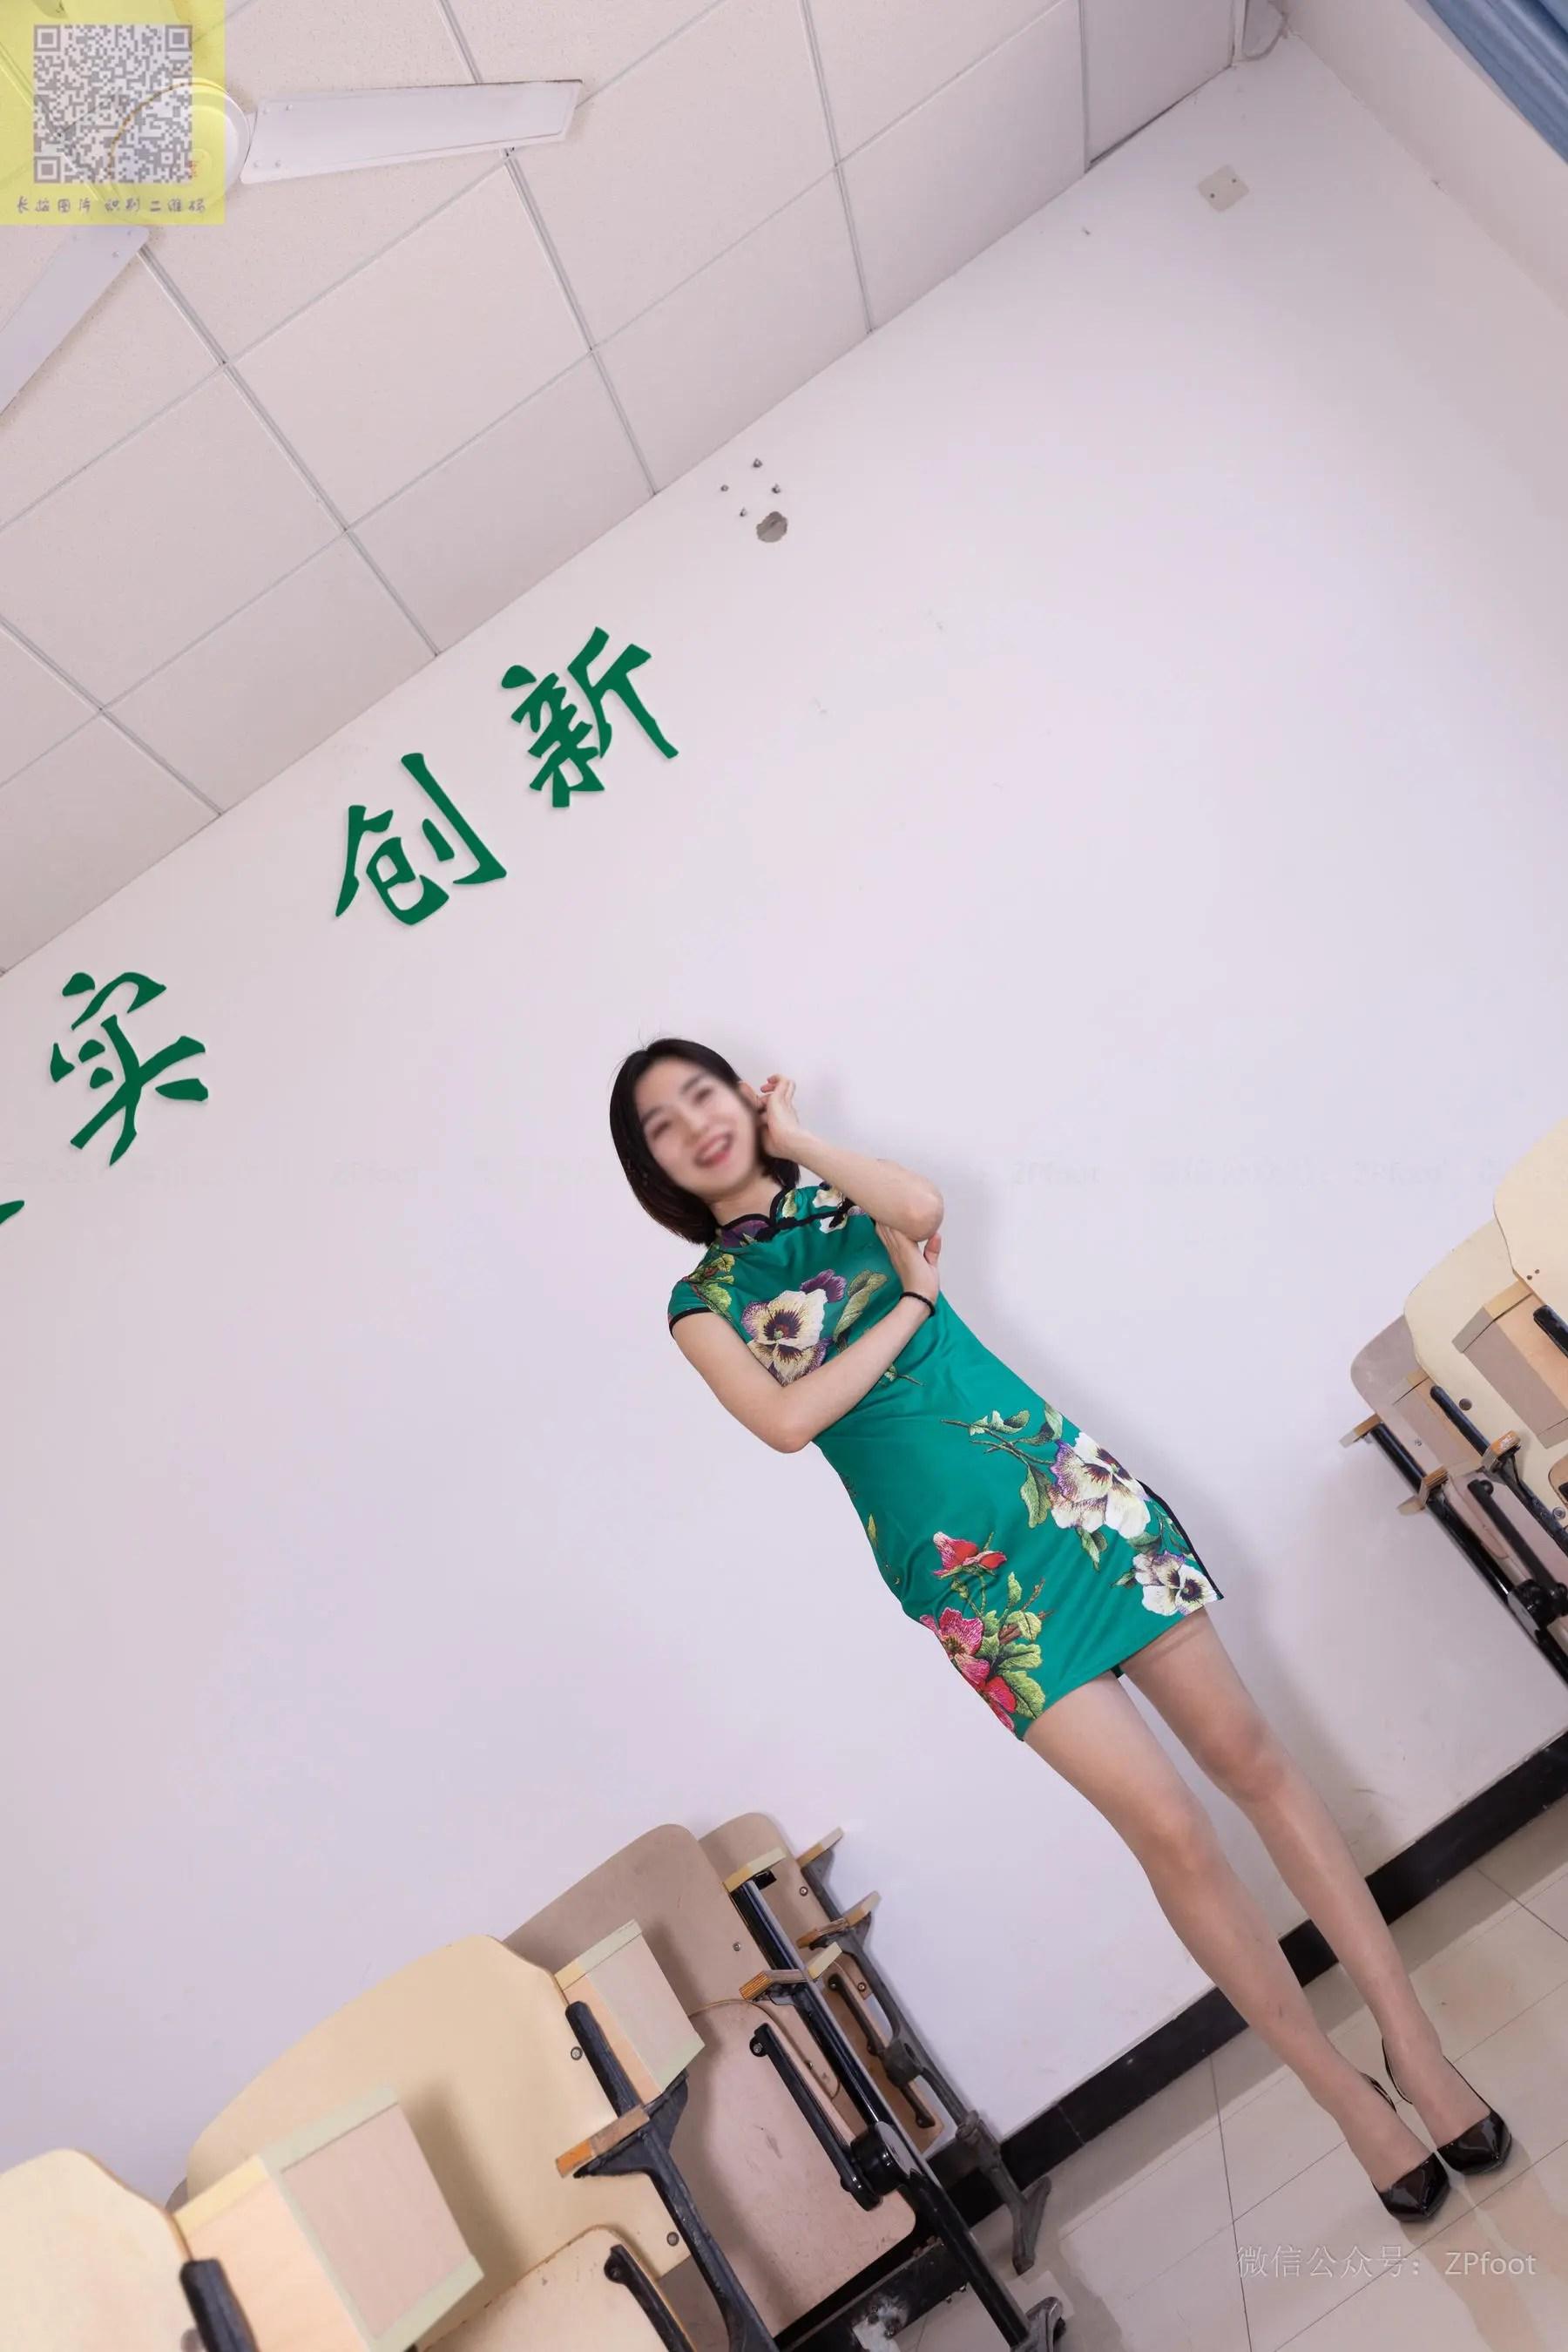 图片[7] - [山茶摄影LSS] NO.089 小阳阳的旗袍筒袜 写真套图[99P] - 唯独你没懂